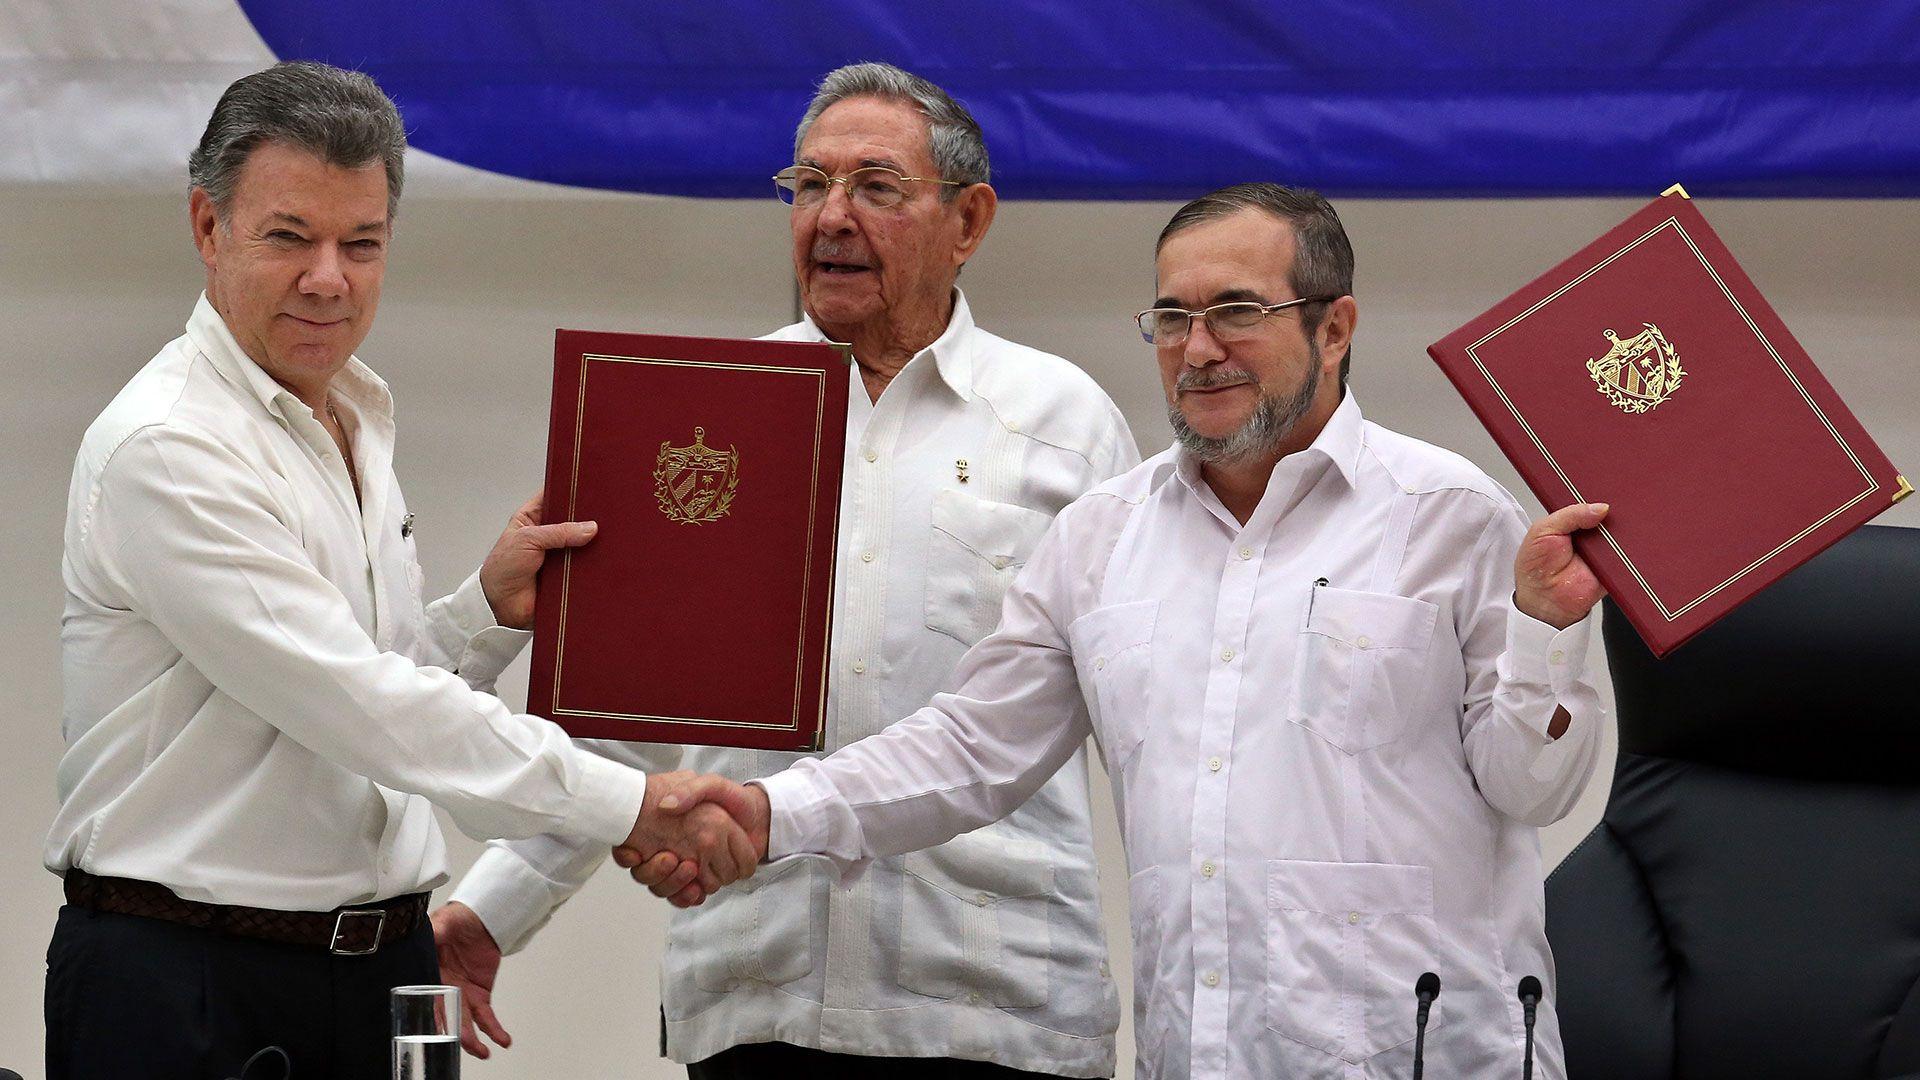 Firma del acuerdo de paz con el presidente Juan Manuel Santos y el exguerrillero de las FARC alias Timochenko. (EFE)